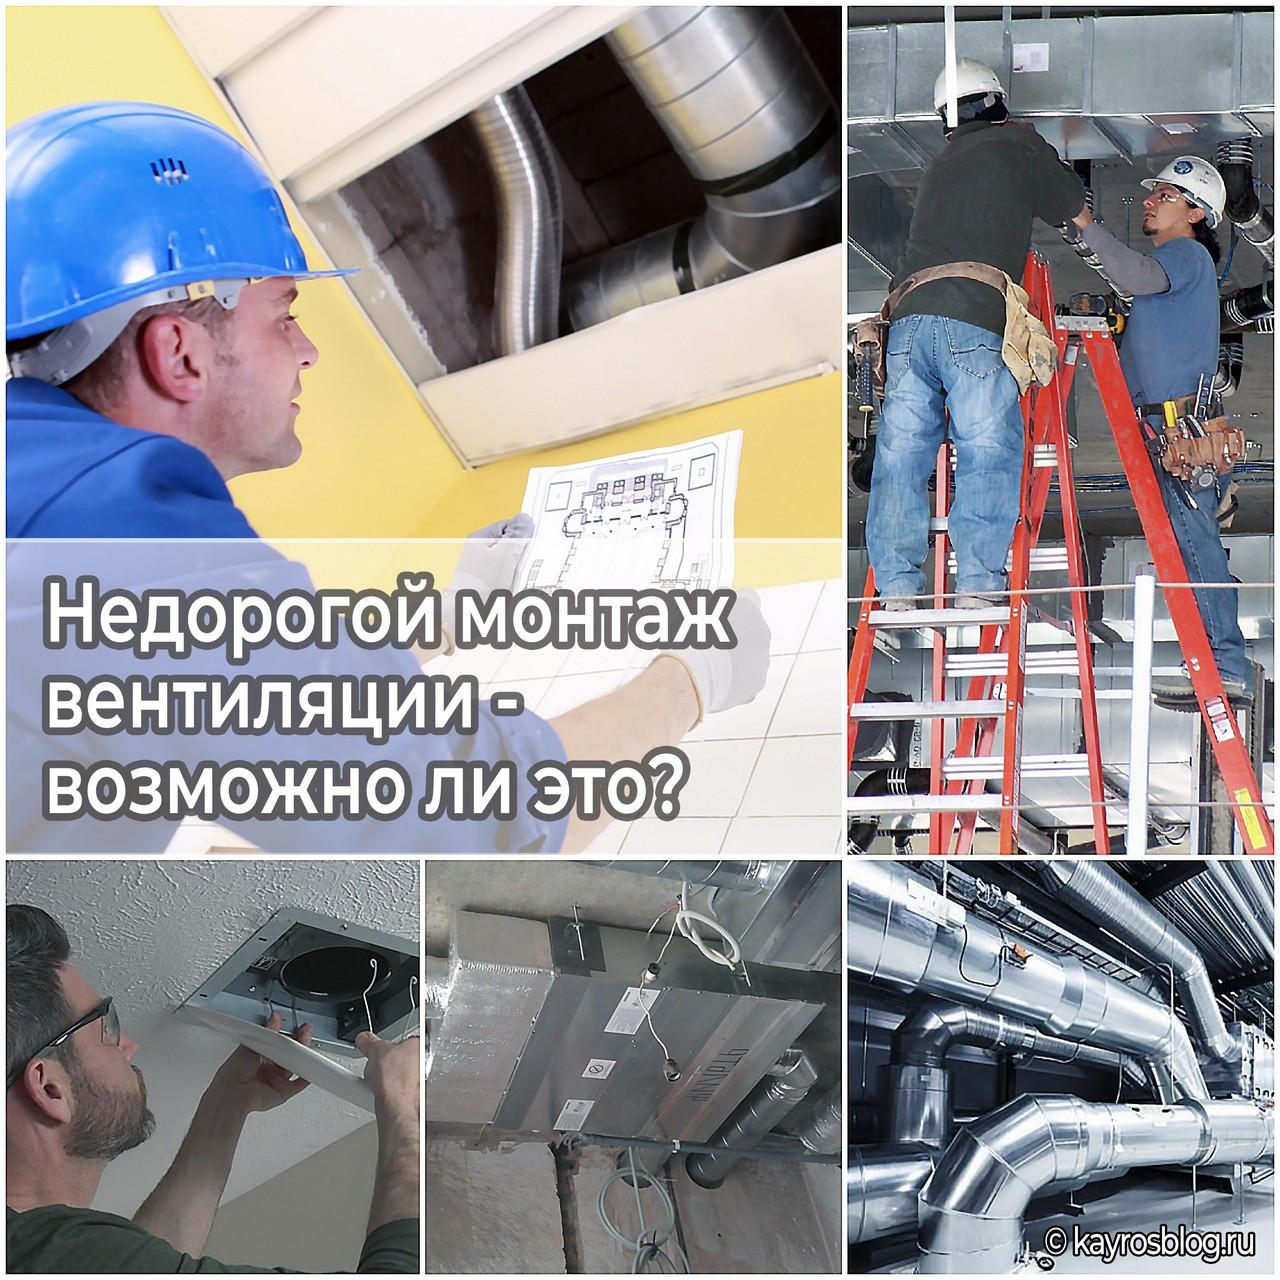 Недорогой монтаж вентиляции - возможно ли это?